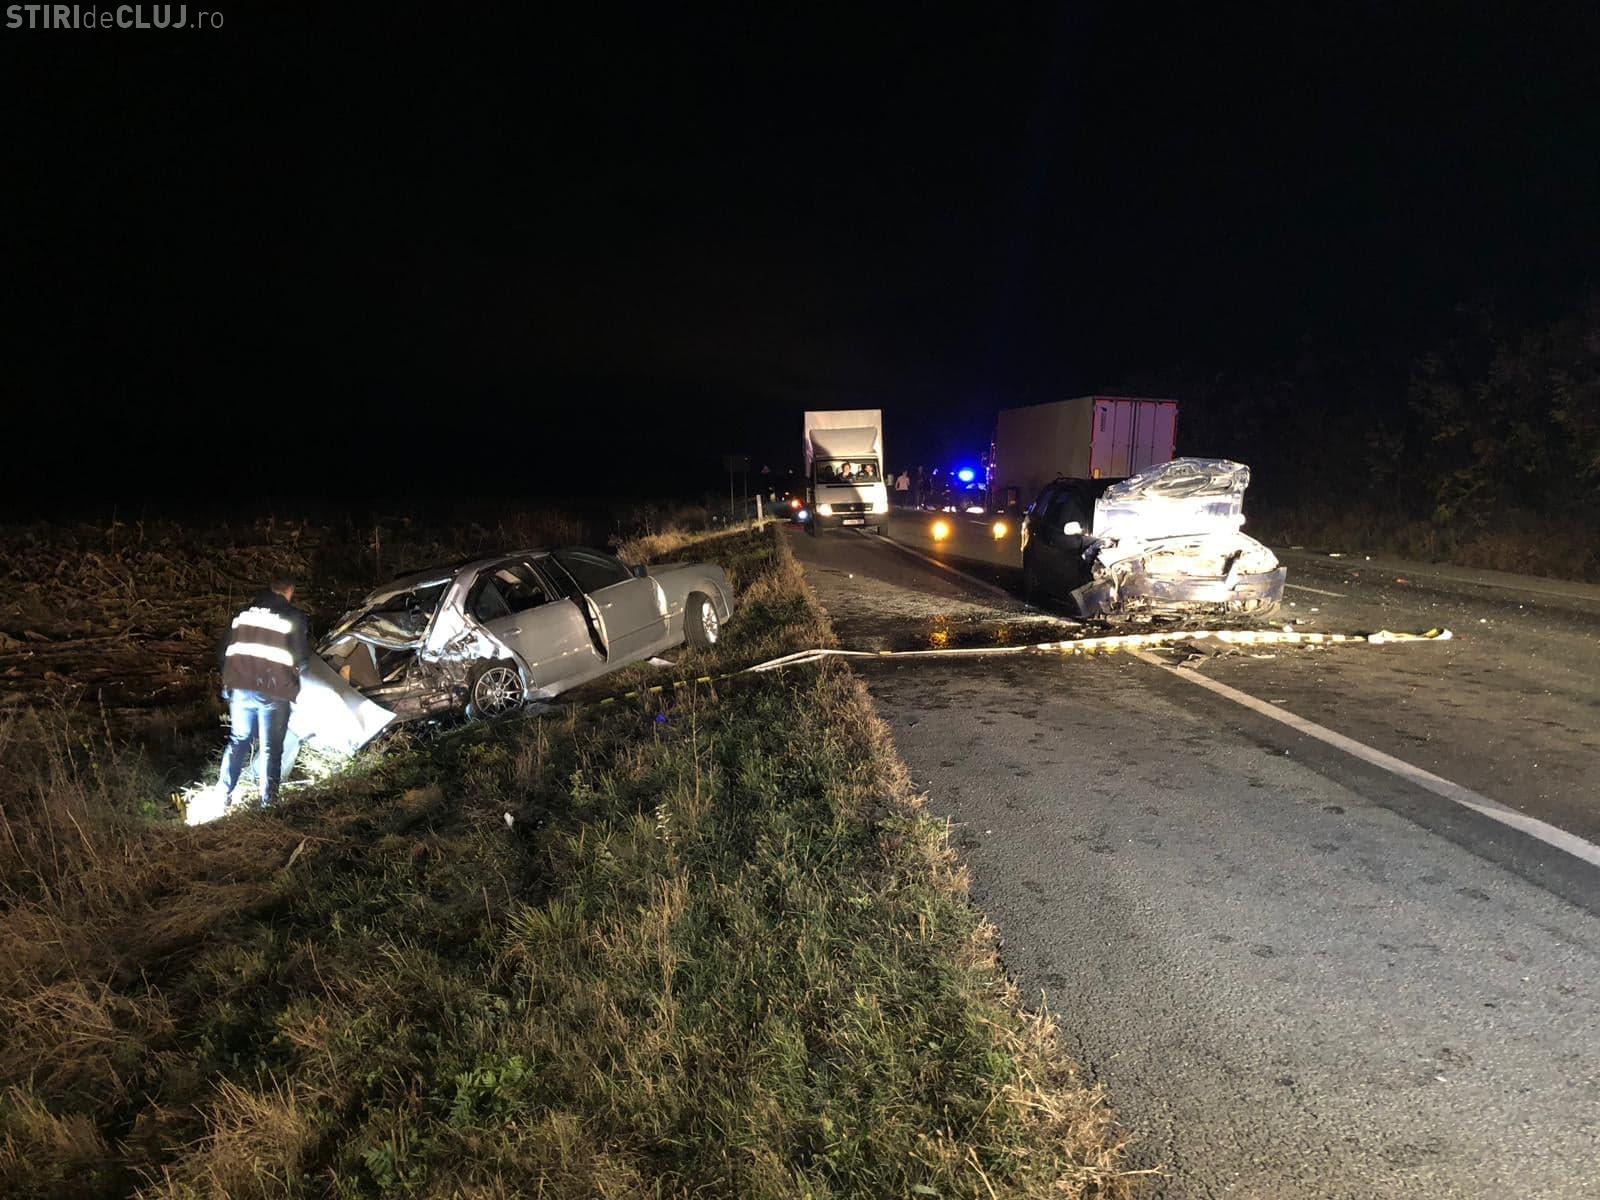 Șoferul care a cauzat accidentul de la ieșire din Gherla a mers 15 kilometri pe jos până să se sinucidă